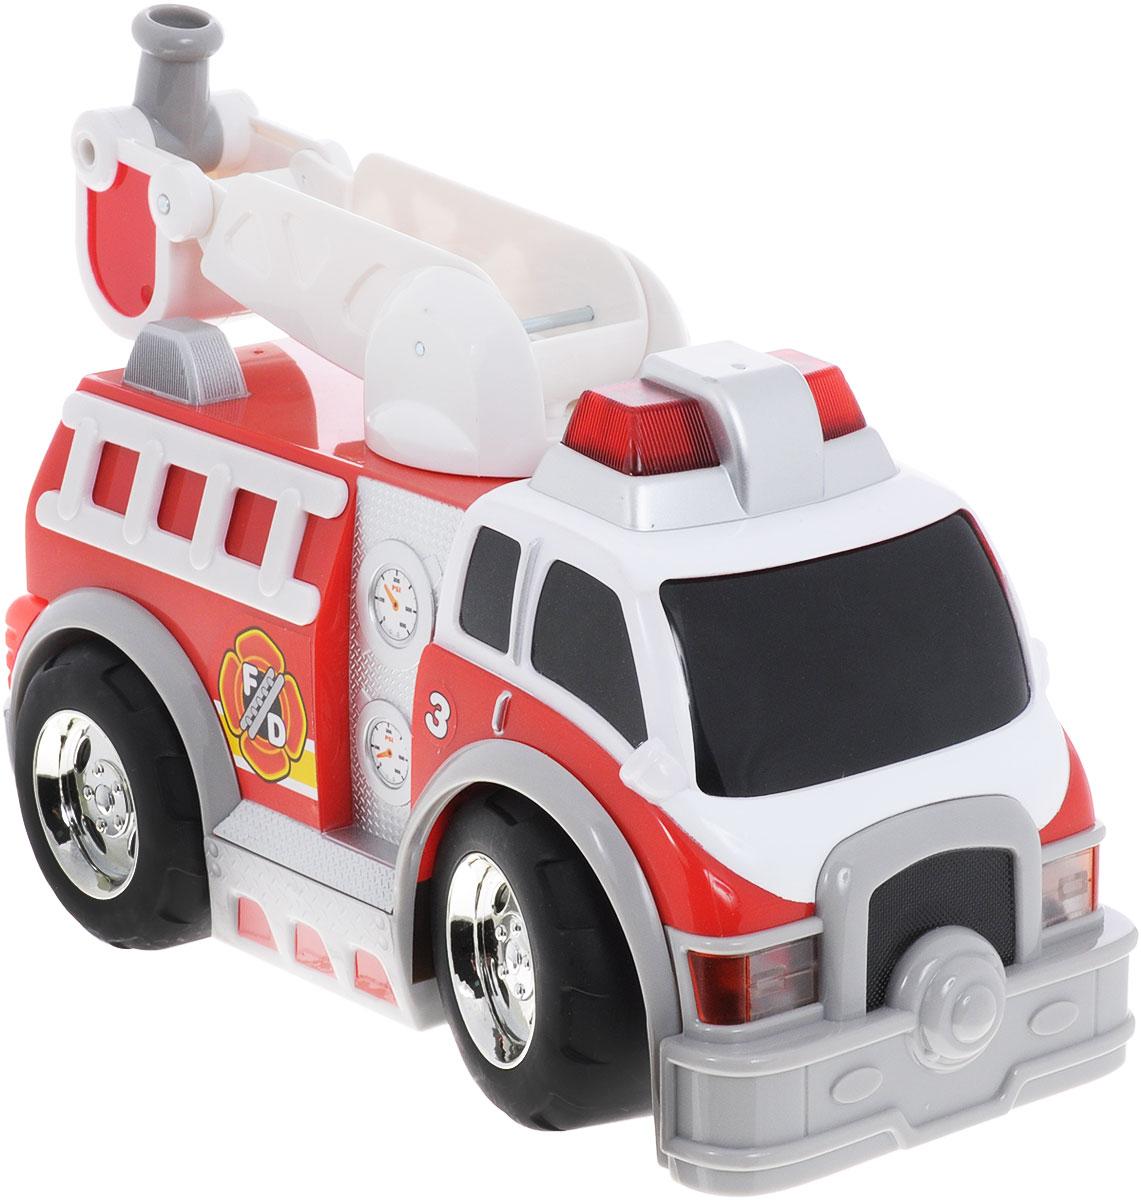 """Яркая машина на радиоуправлении Toystate """"Rush & Rescue"""" со звуковыми и световыми эффектами, несомненно, понравится вашему ребенку и не позволит ему скучать. Игрушка выполнена в виде мощной пожарной машины с лестницей. Лестница вращается. При нажатии на кнопки, расположенные на борту машины, светятся огни автомобиля, воспроизводятся звуки двигателя и сирены. Машина управляется с помощью пульта дистанционного управления. Пульт имеет три большие кнопки, обеспечивающие удобство использования для маленьких ручек. Ваш ребенок часами будет играть с машинкой, придумывая различные истории и устраивая соревнования. Порадуйте его таким замечательным подарком! Для работы игрушки необходимы 3 батарейки типа АА (товар комплектуется демонстрационными). Для работы пульта управления необходимы 3 батарейки типа ААА (не входят в комплект)."""